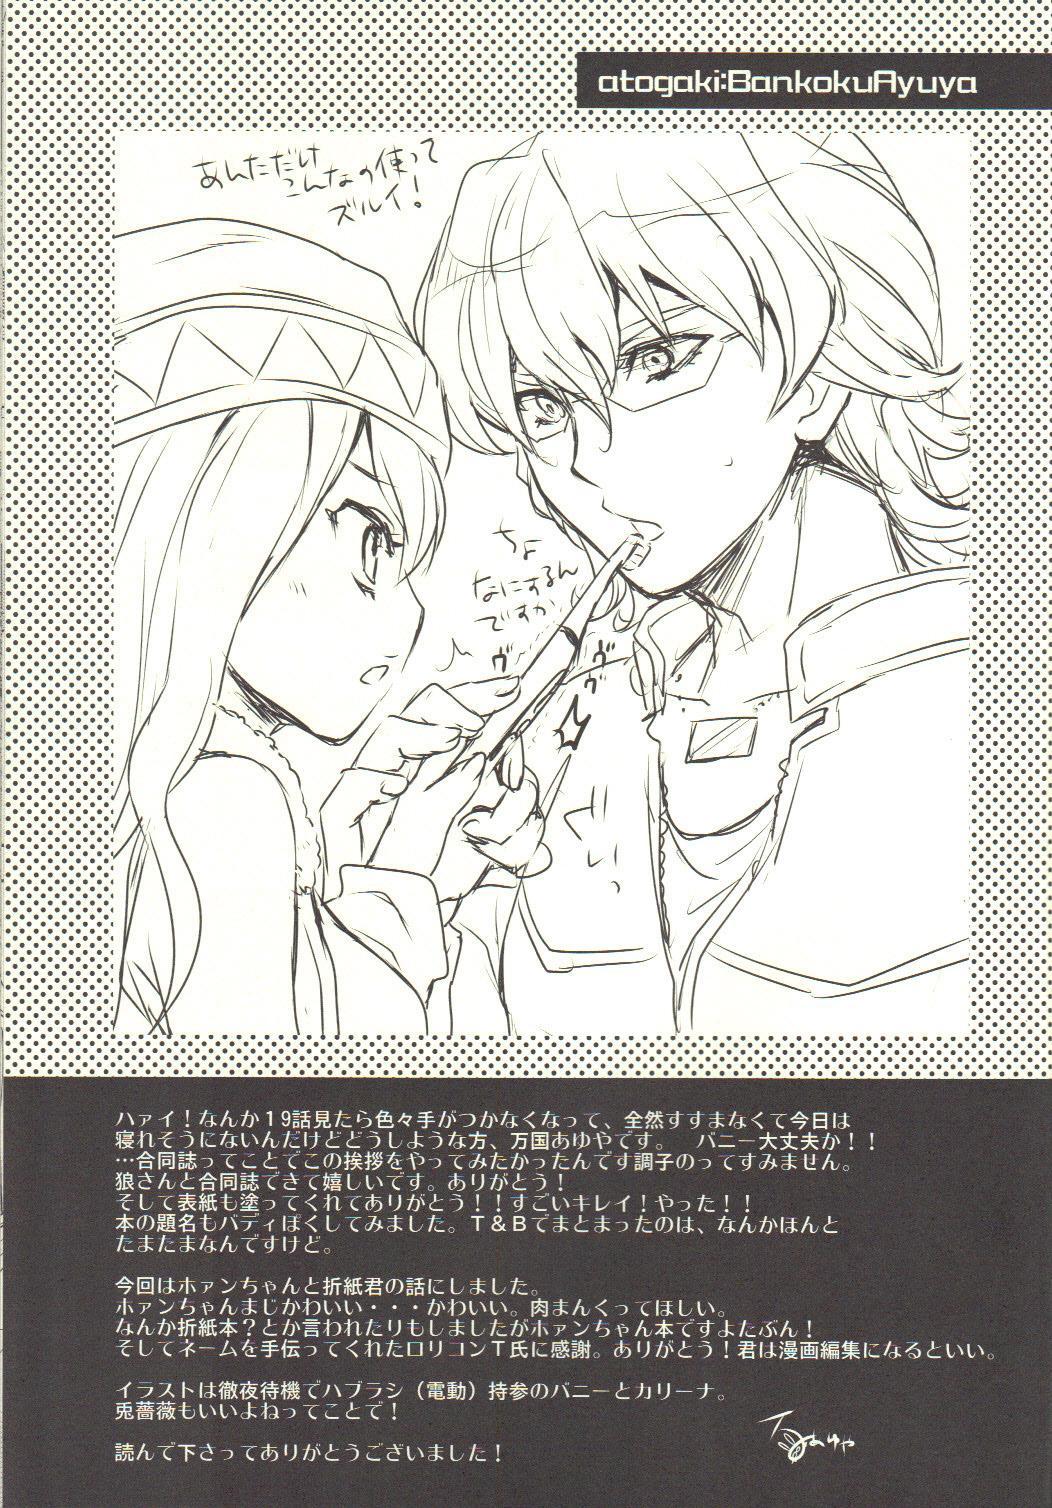 TAMASHOE&BANKOKOO 13